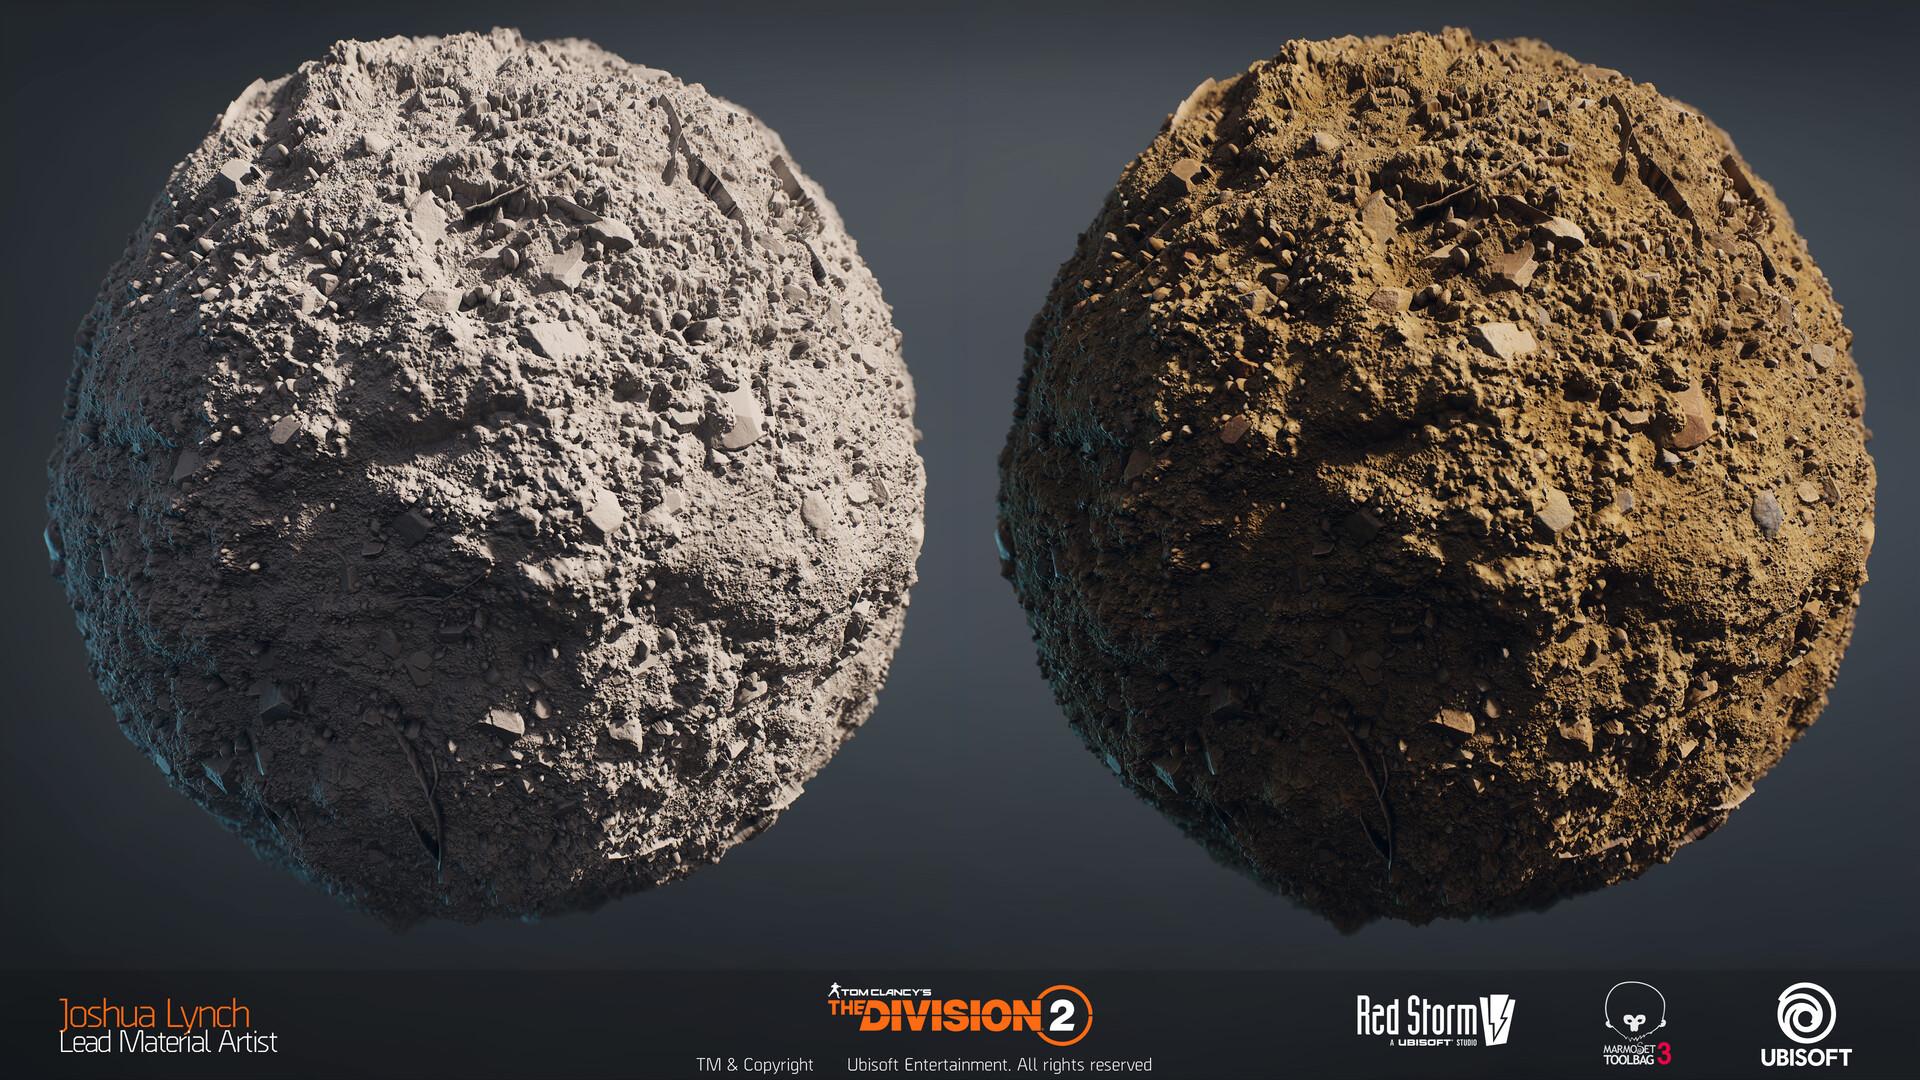 Joshua lynch division 2 josh lynch soil mud dry